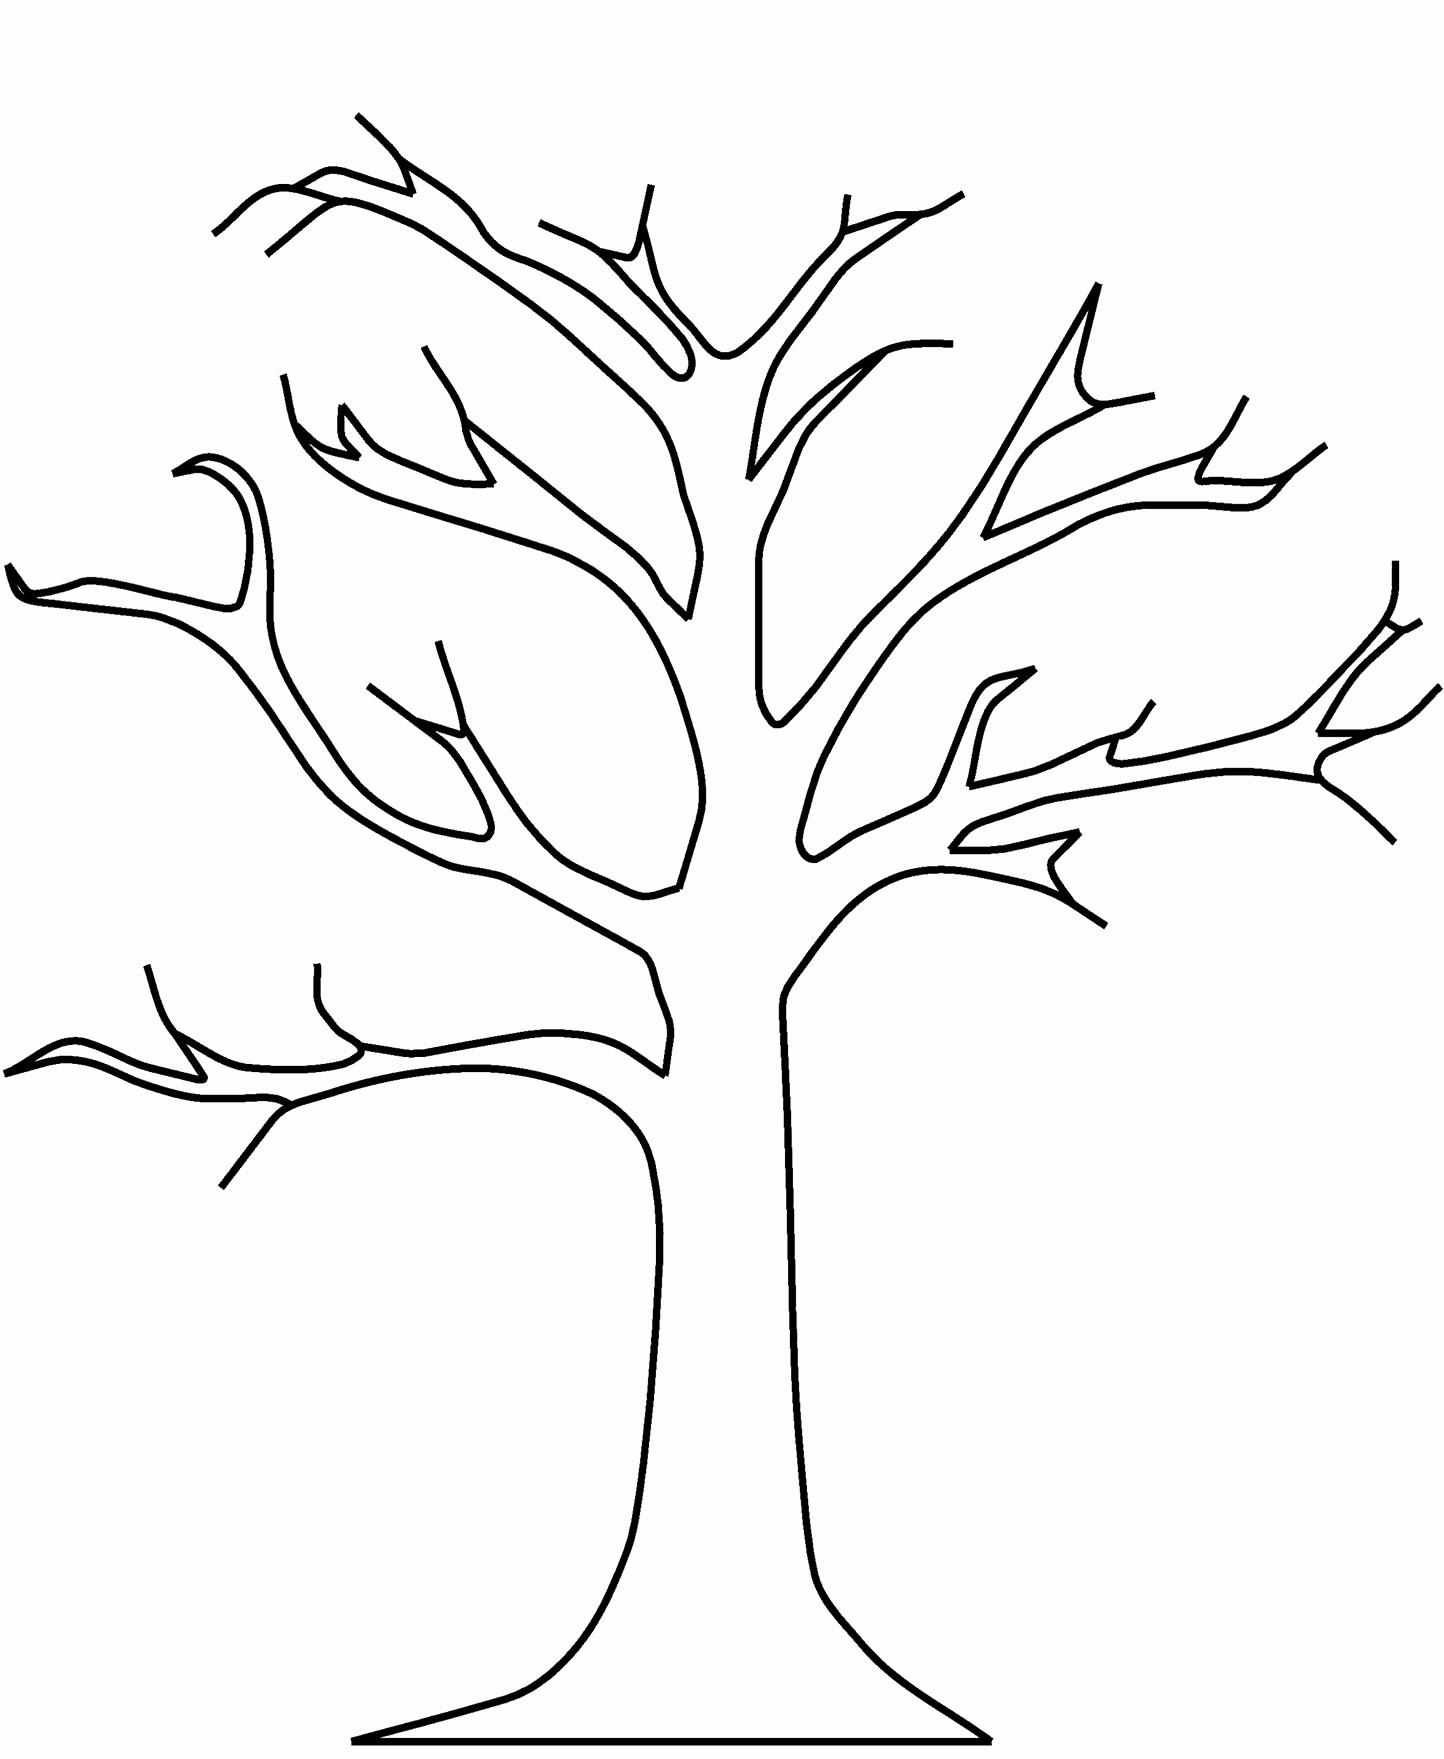 Malvorlage Baum Mit Wurzeln Einzigartig Kahler Baum Malvorlage Genial Fläktgroup Fläktgroup Ahoaho Expo Sammlung